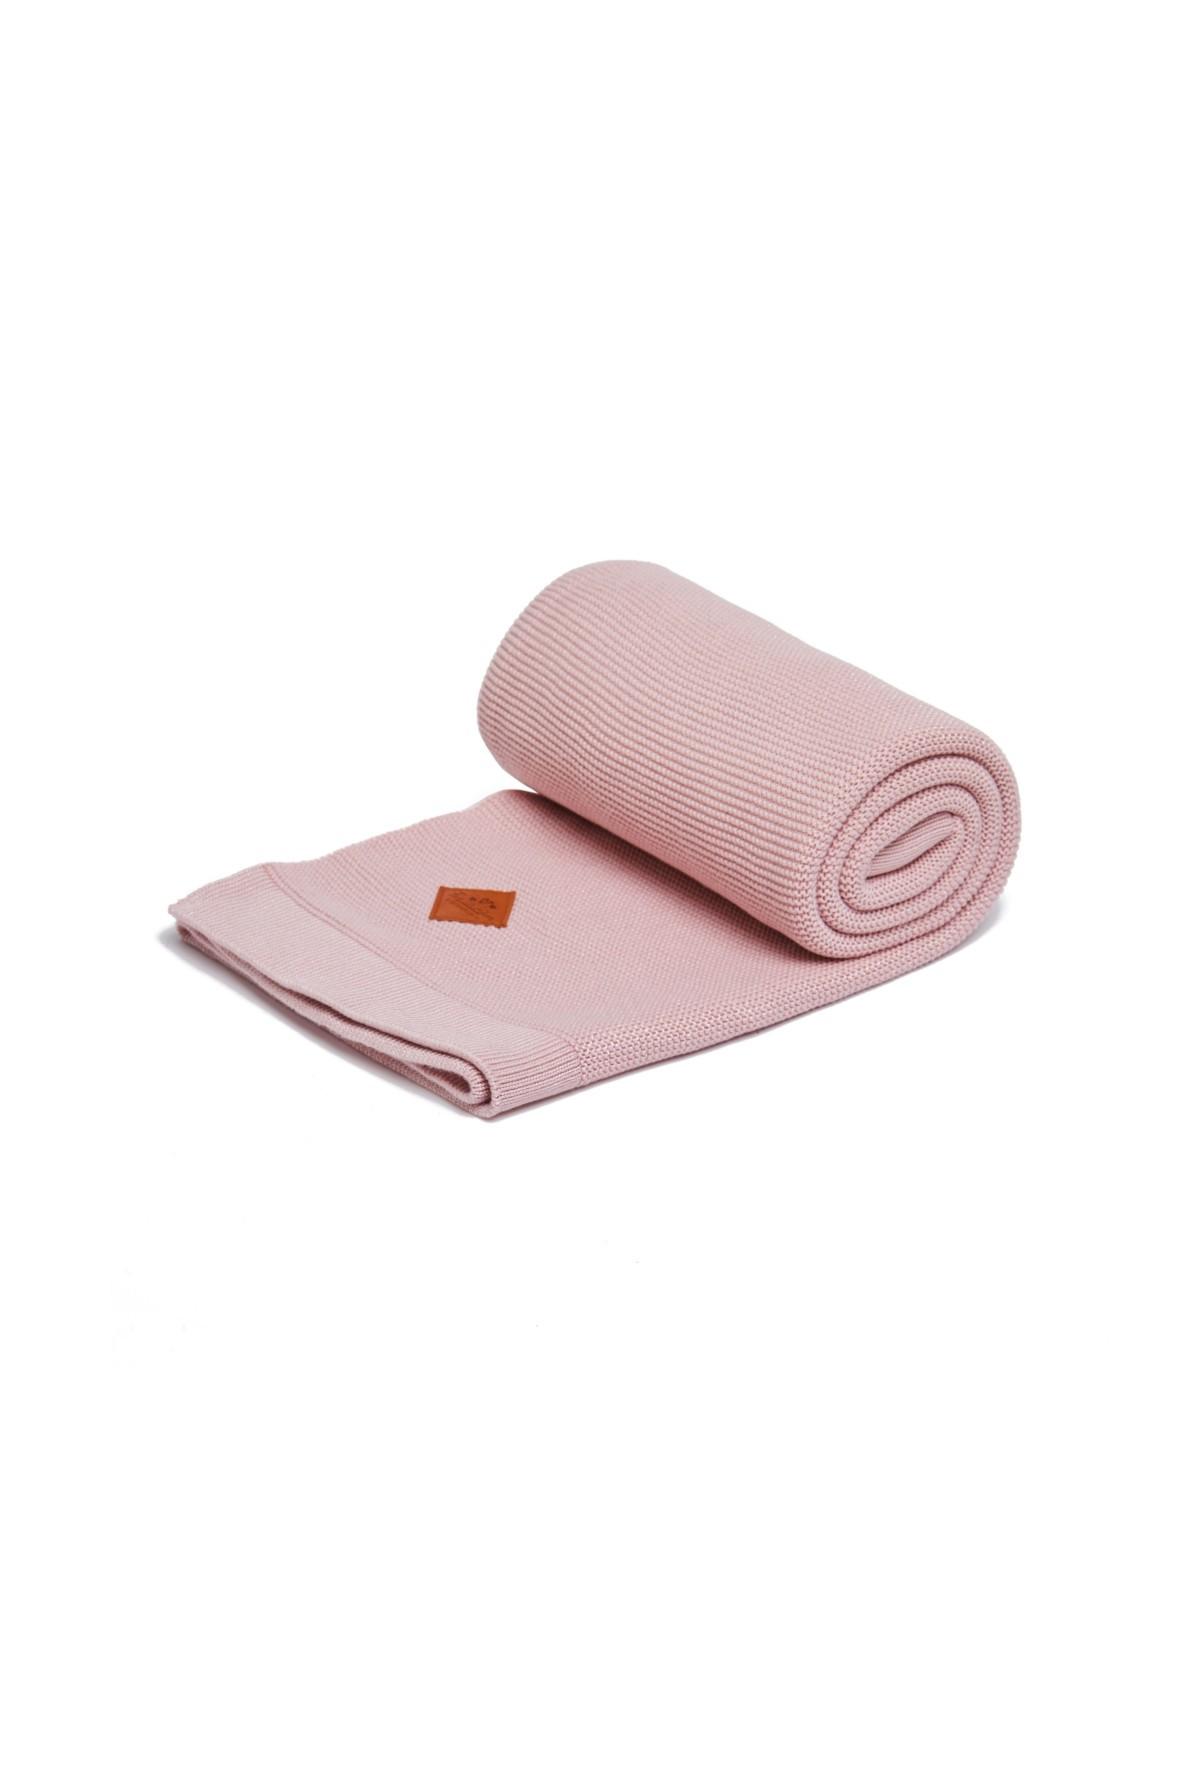 Kocyk różowy 80×100 cm